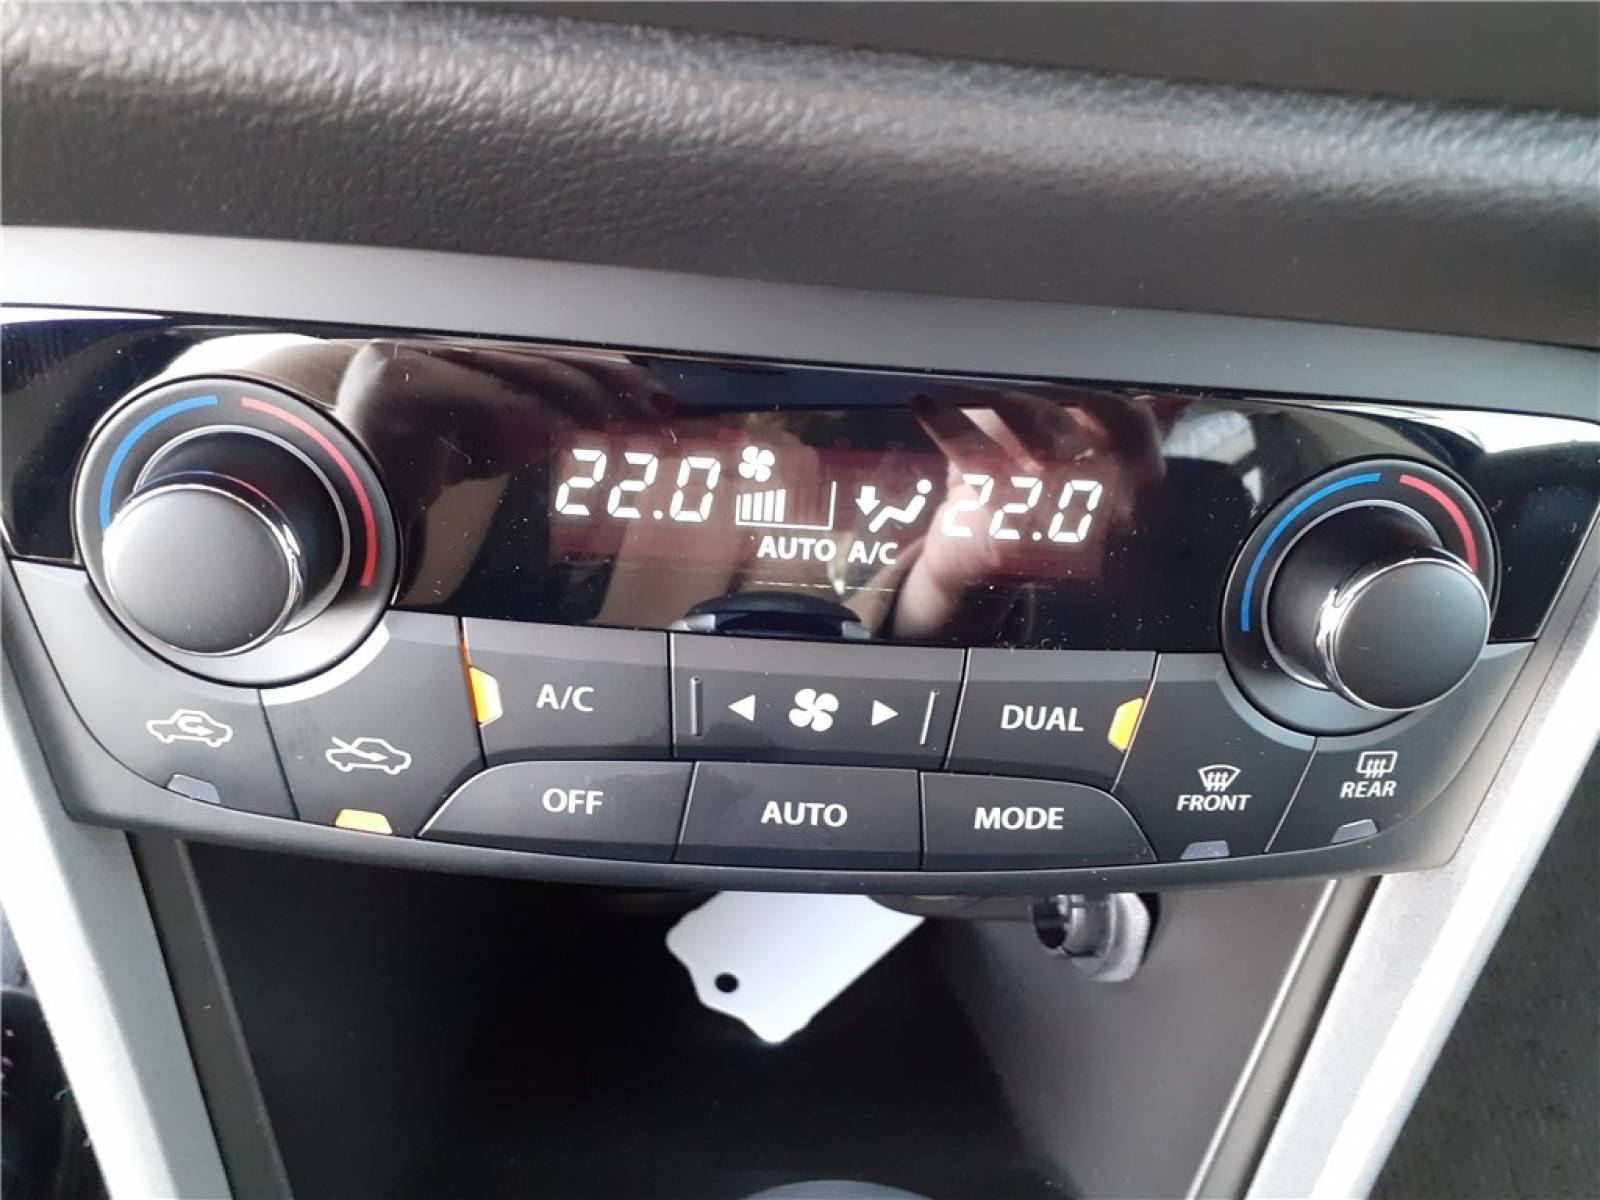 SUZUKI S-Cross 1.4 Boosterjet Allgrip Hybrid Auto - véhicule d'occasion - Groupe Guillet - Hall de l'automobile - Chalon sur Saône - 71380 - Saint-Marcel - 27